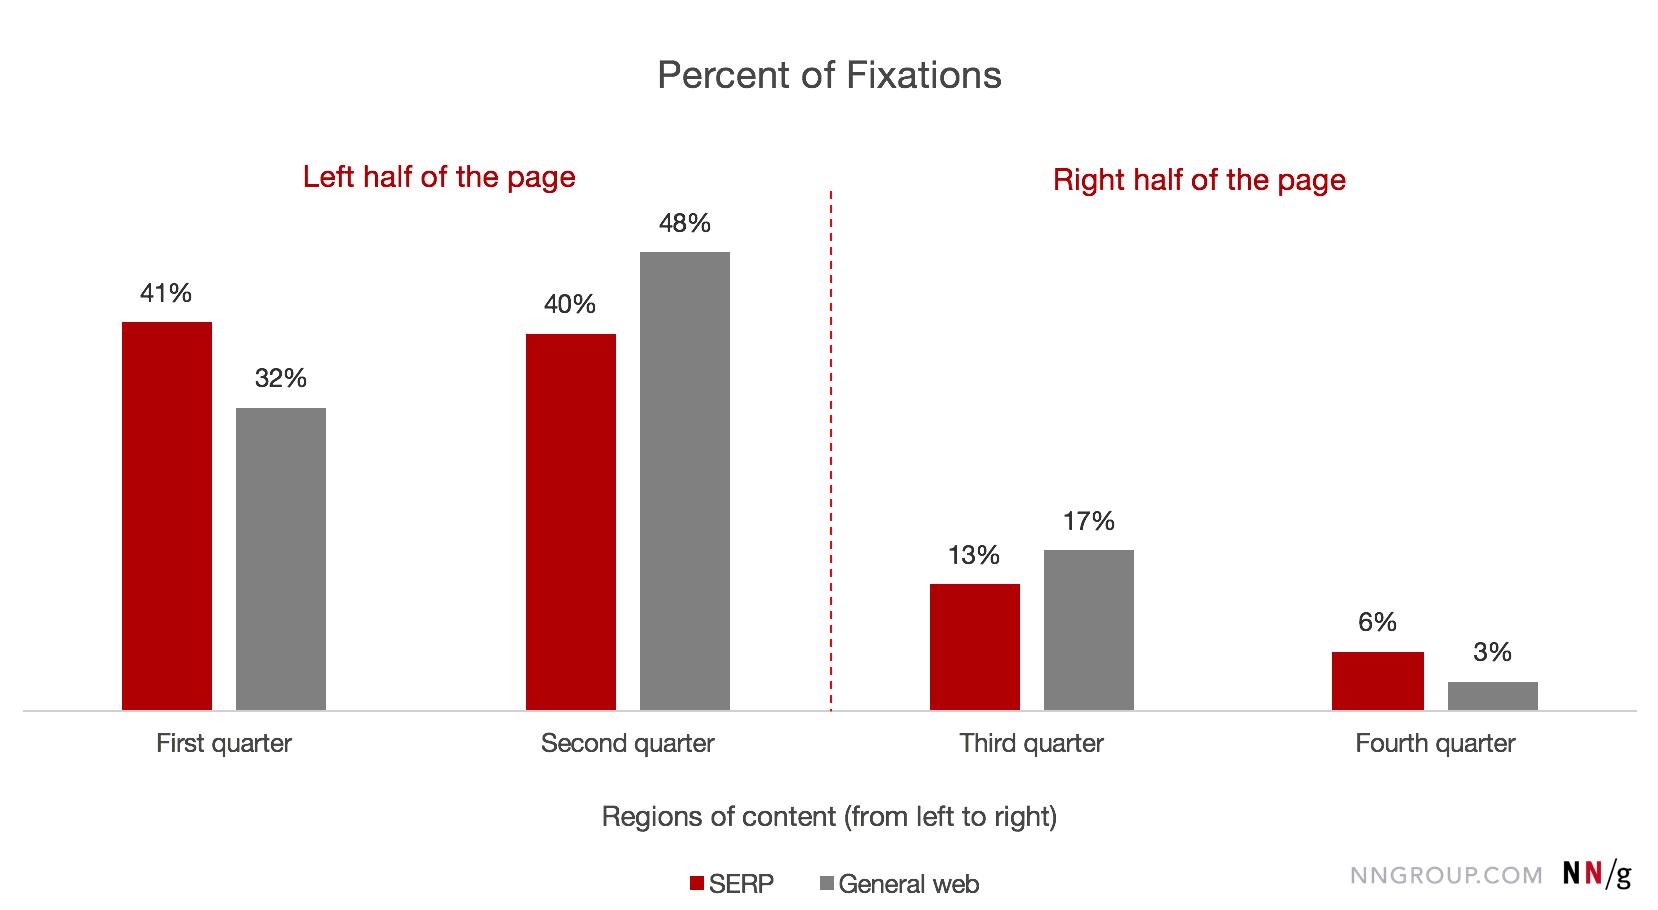 按屏幕区域划分的固定百分比,SERP和常规Web